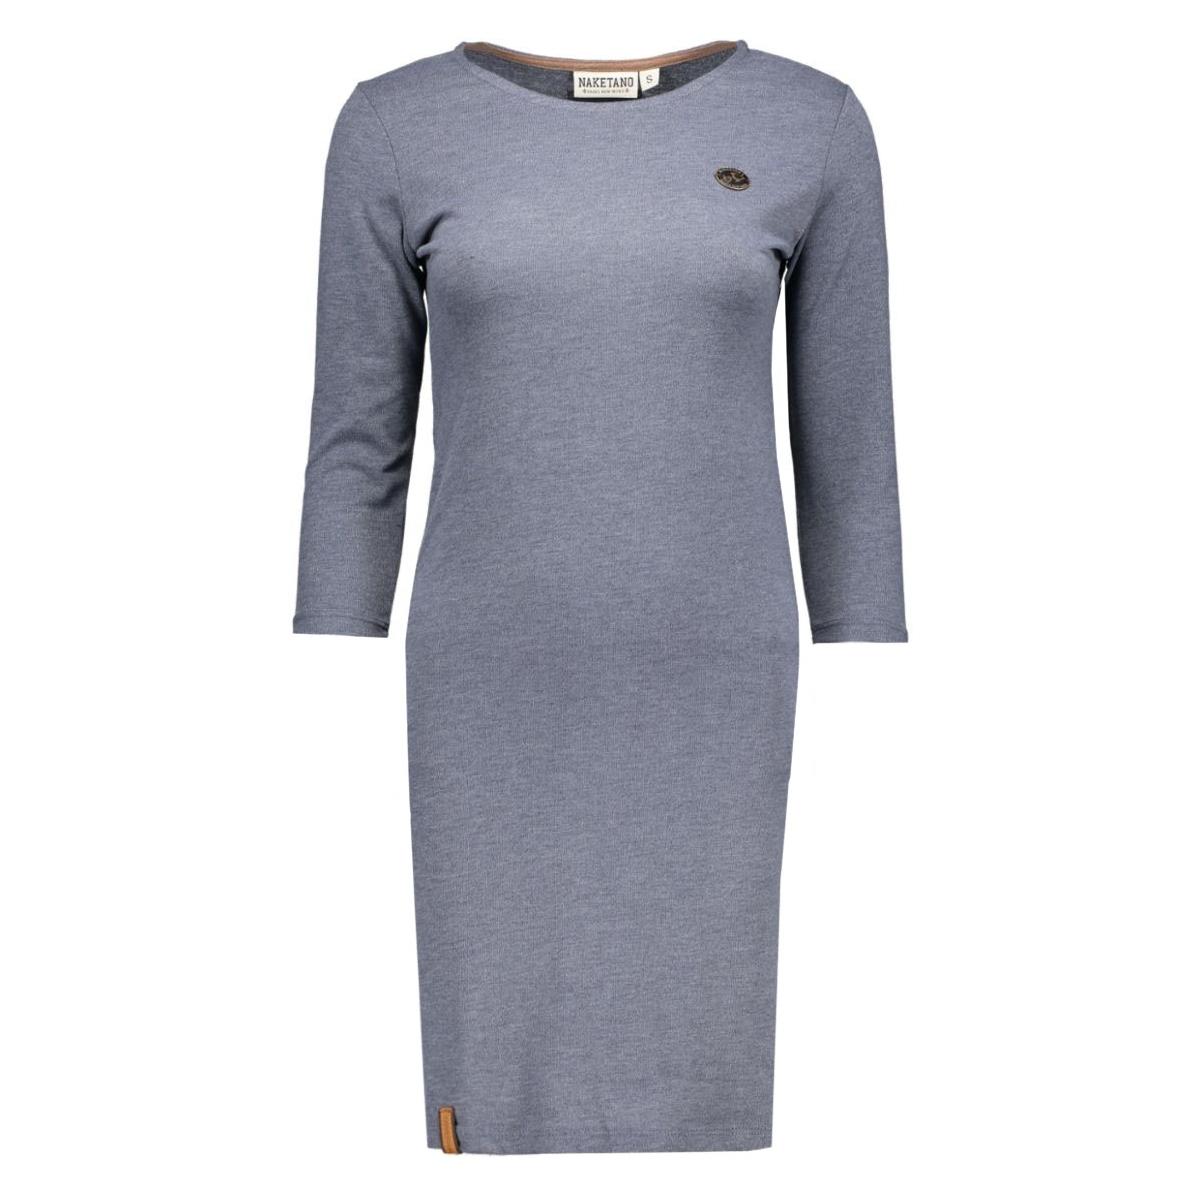 1601-0617-095 naketano jurk indigo